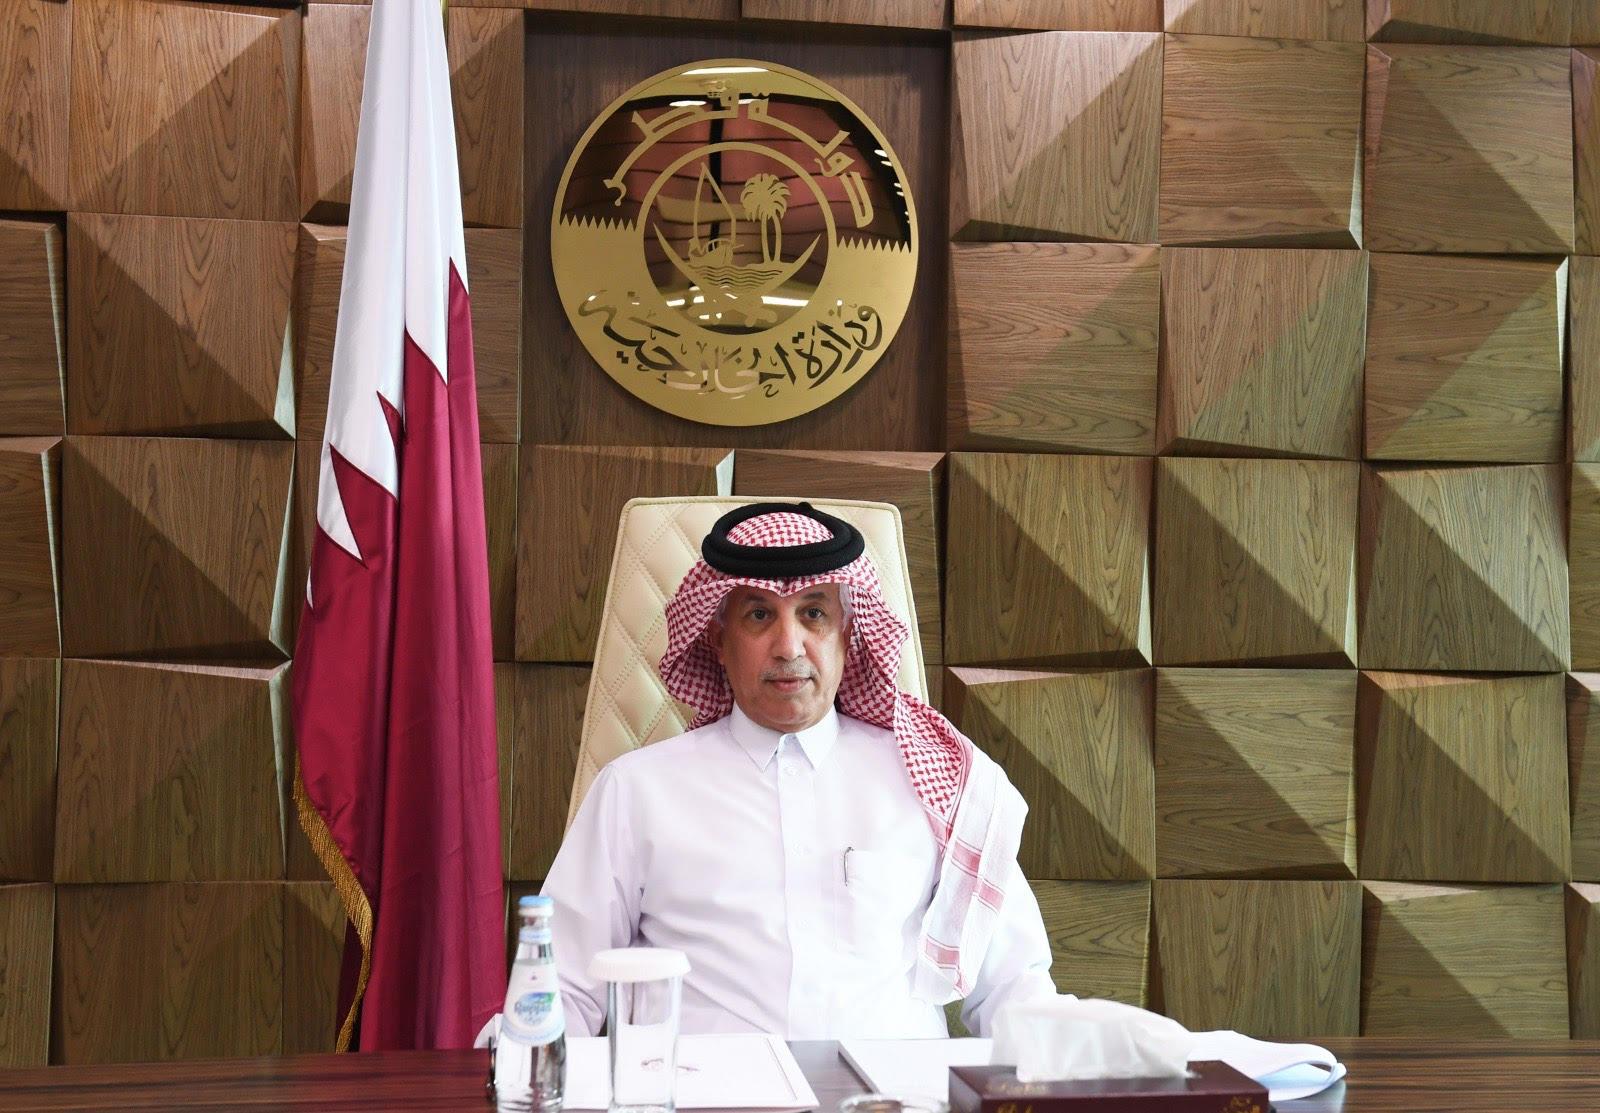 دولة قطر تشارك في مؤتمر جنيف الوزاري الدولي حول أفغانستان